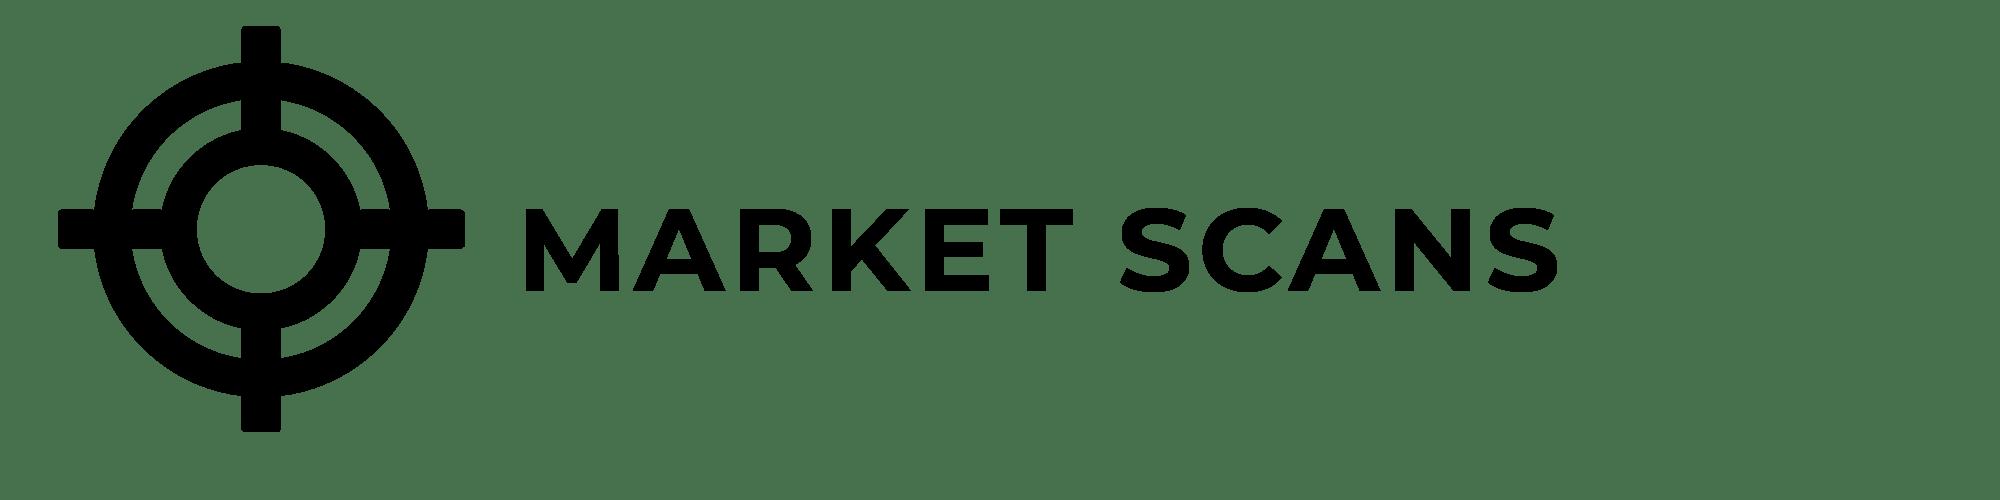 Market Scans Menu Nav Image